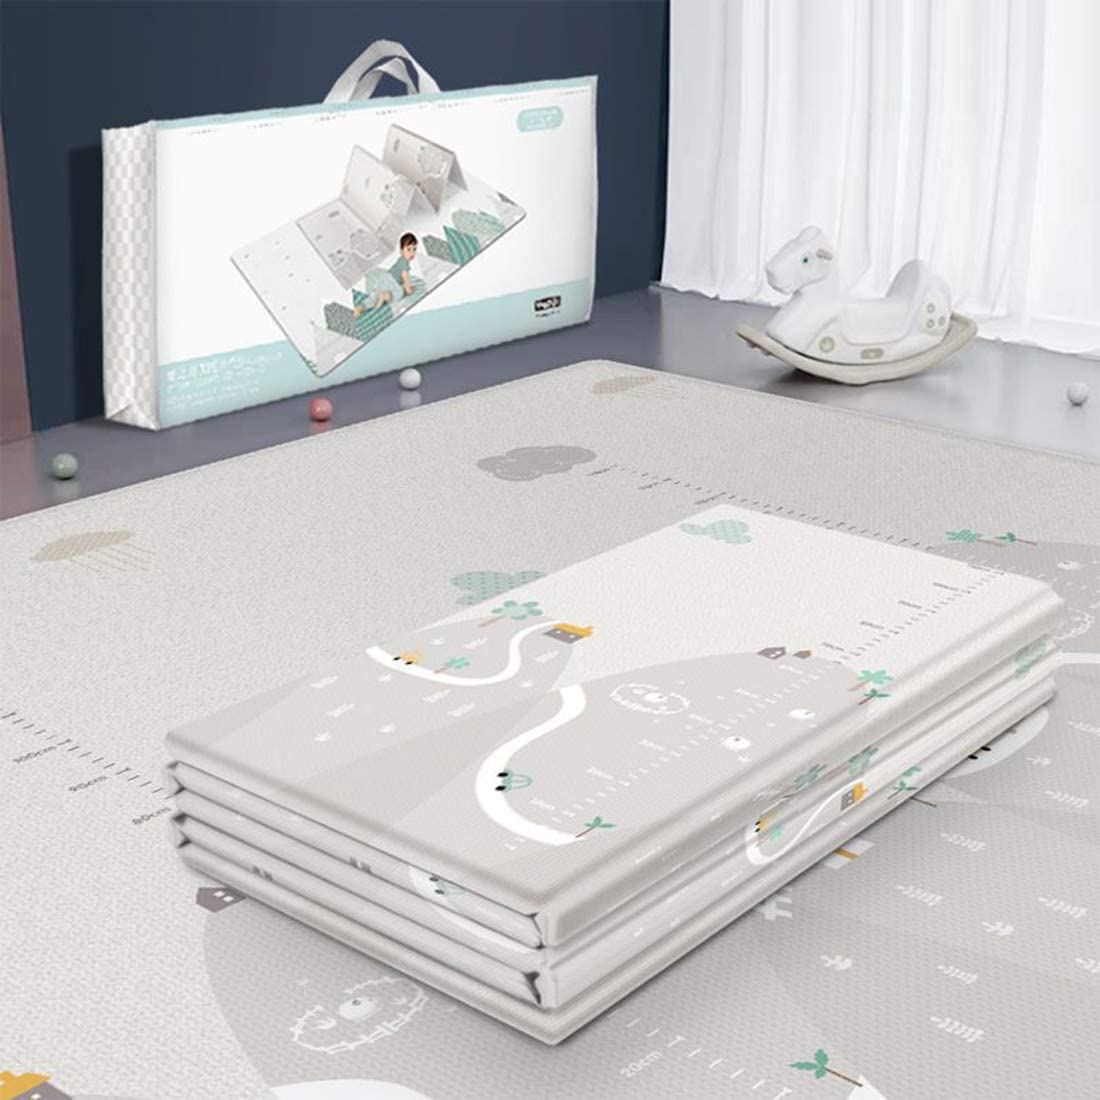 POXL Alfombra de Juegos Bebé Grande, Portable Alfombra Bebe Gateo Alfombra Alfombra Acolchada Antideslizante, 200 x 180cm